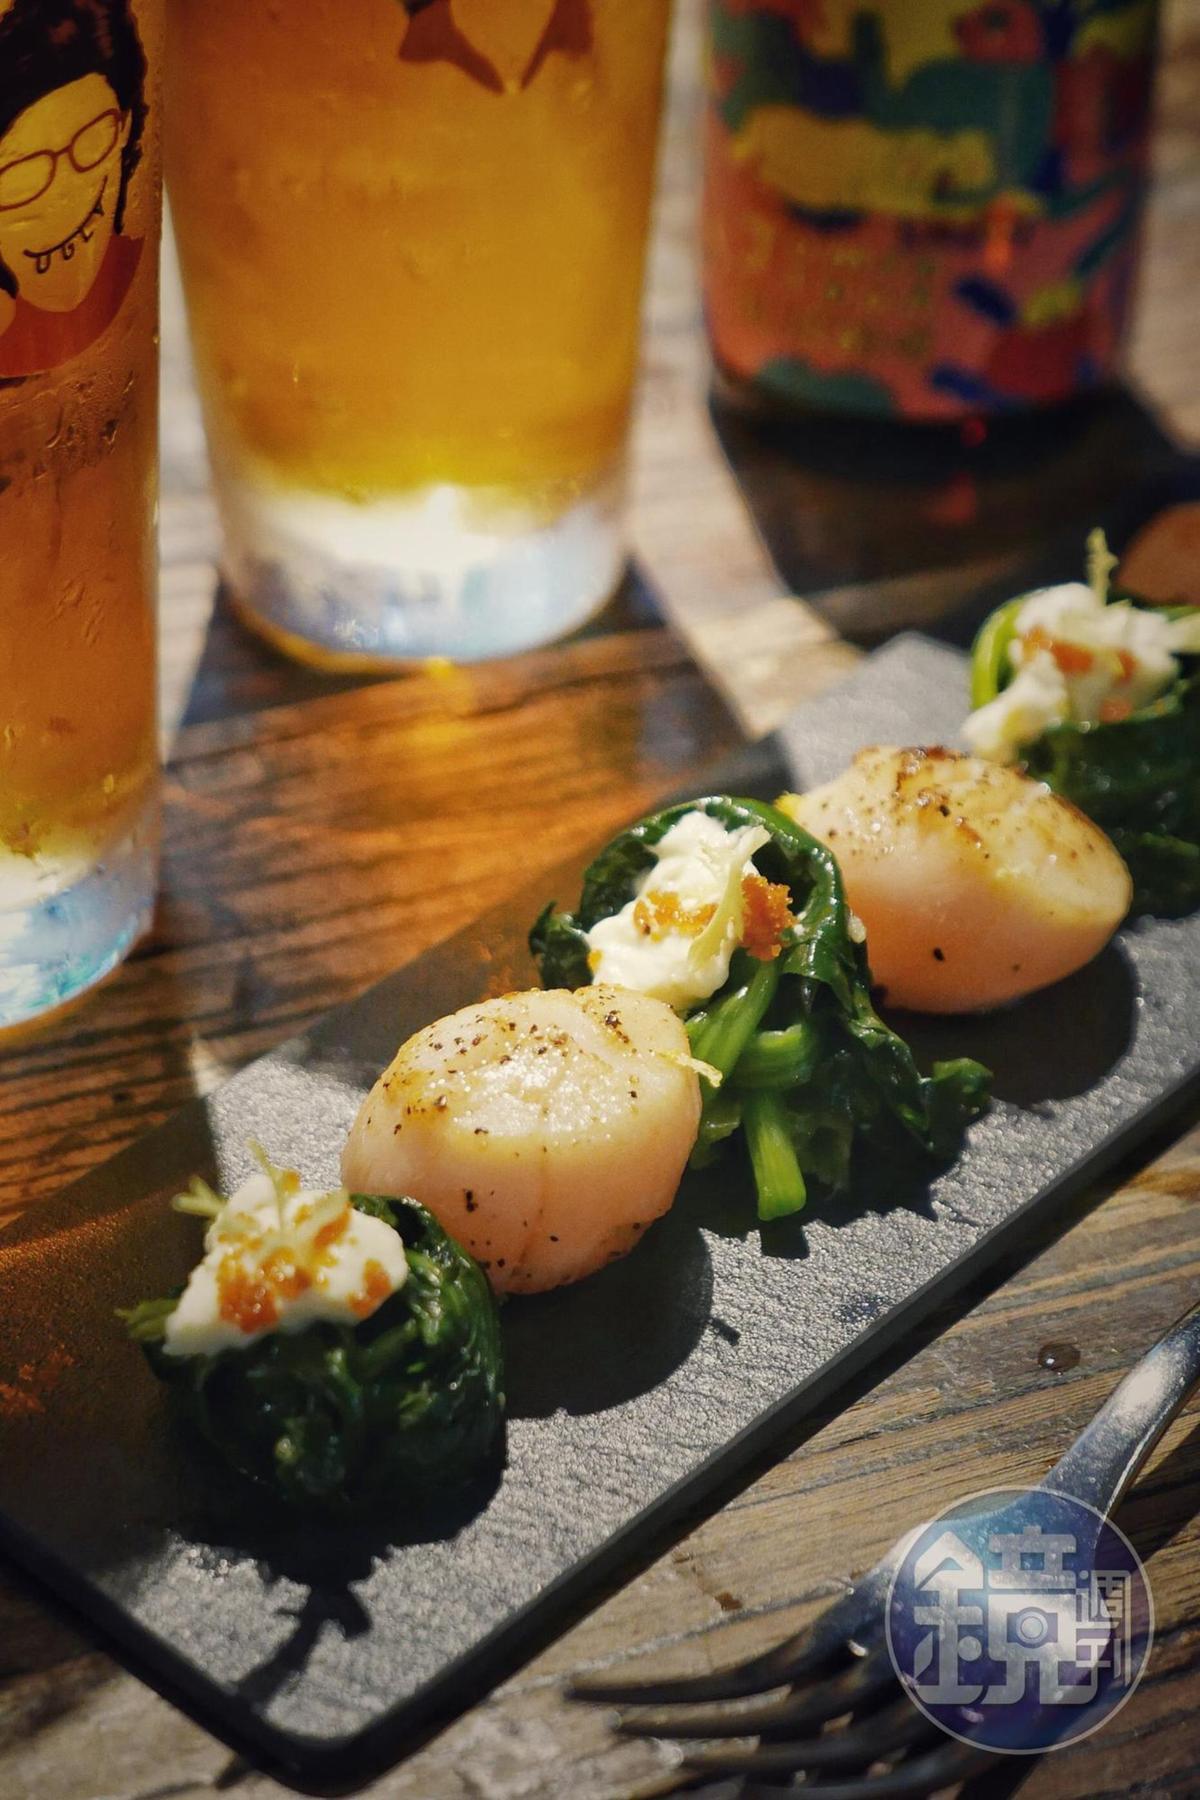 預計8月份登場的新菜「強蒜炙燒鮮干貝」,就連配菜菠菜也美味道很搶戲。(300元/份)